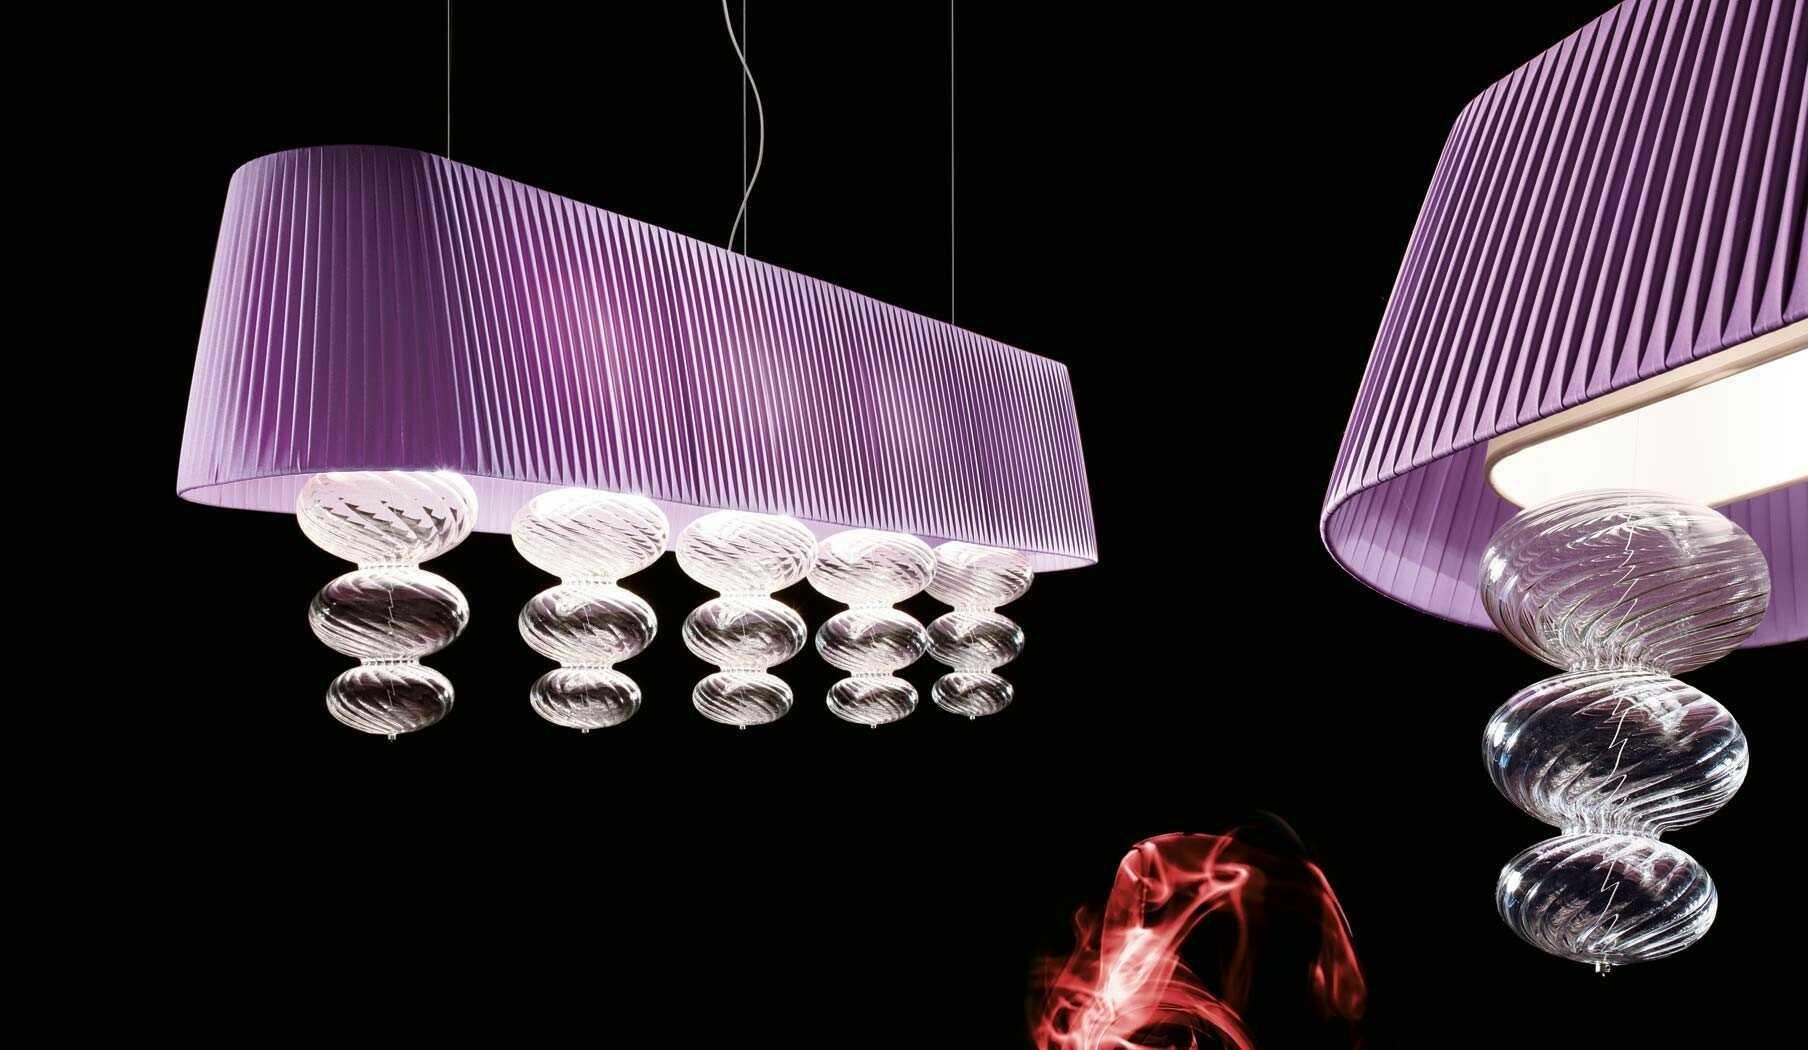 Musa SO OVAL 150 - Vintage - lampa wisząca  GWARANCJA NAJNIŻSZEJ CENY!